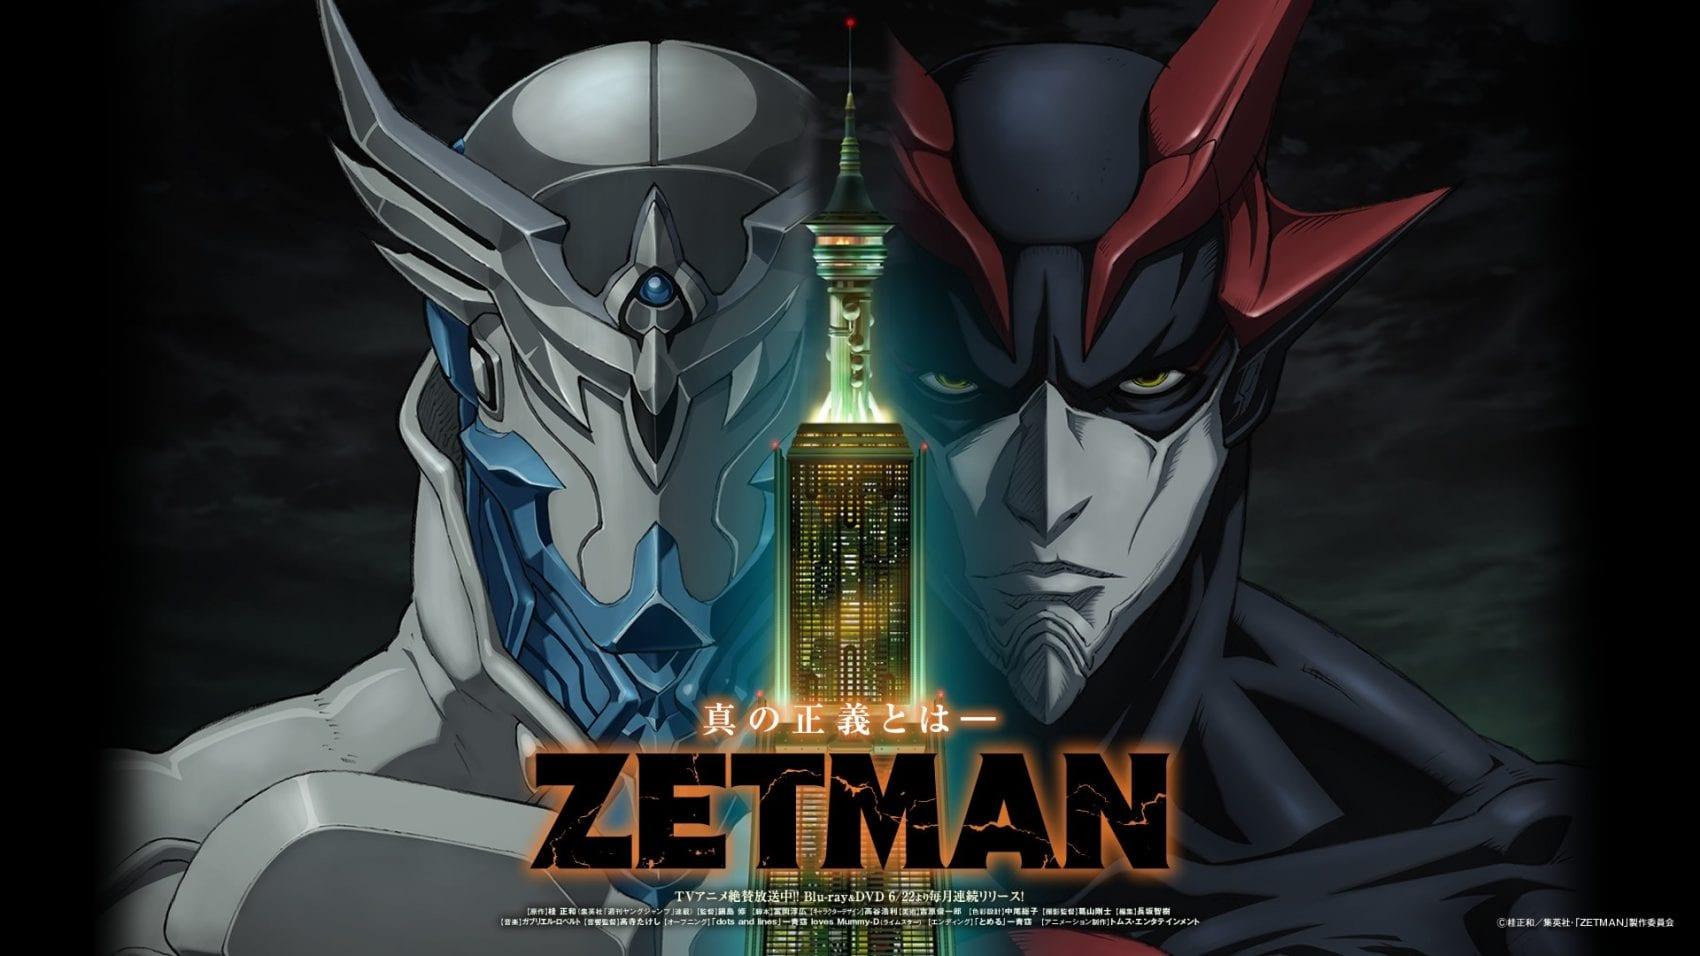 ZETAMN-Review-My-Geek-Actu4